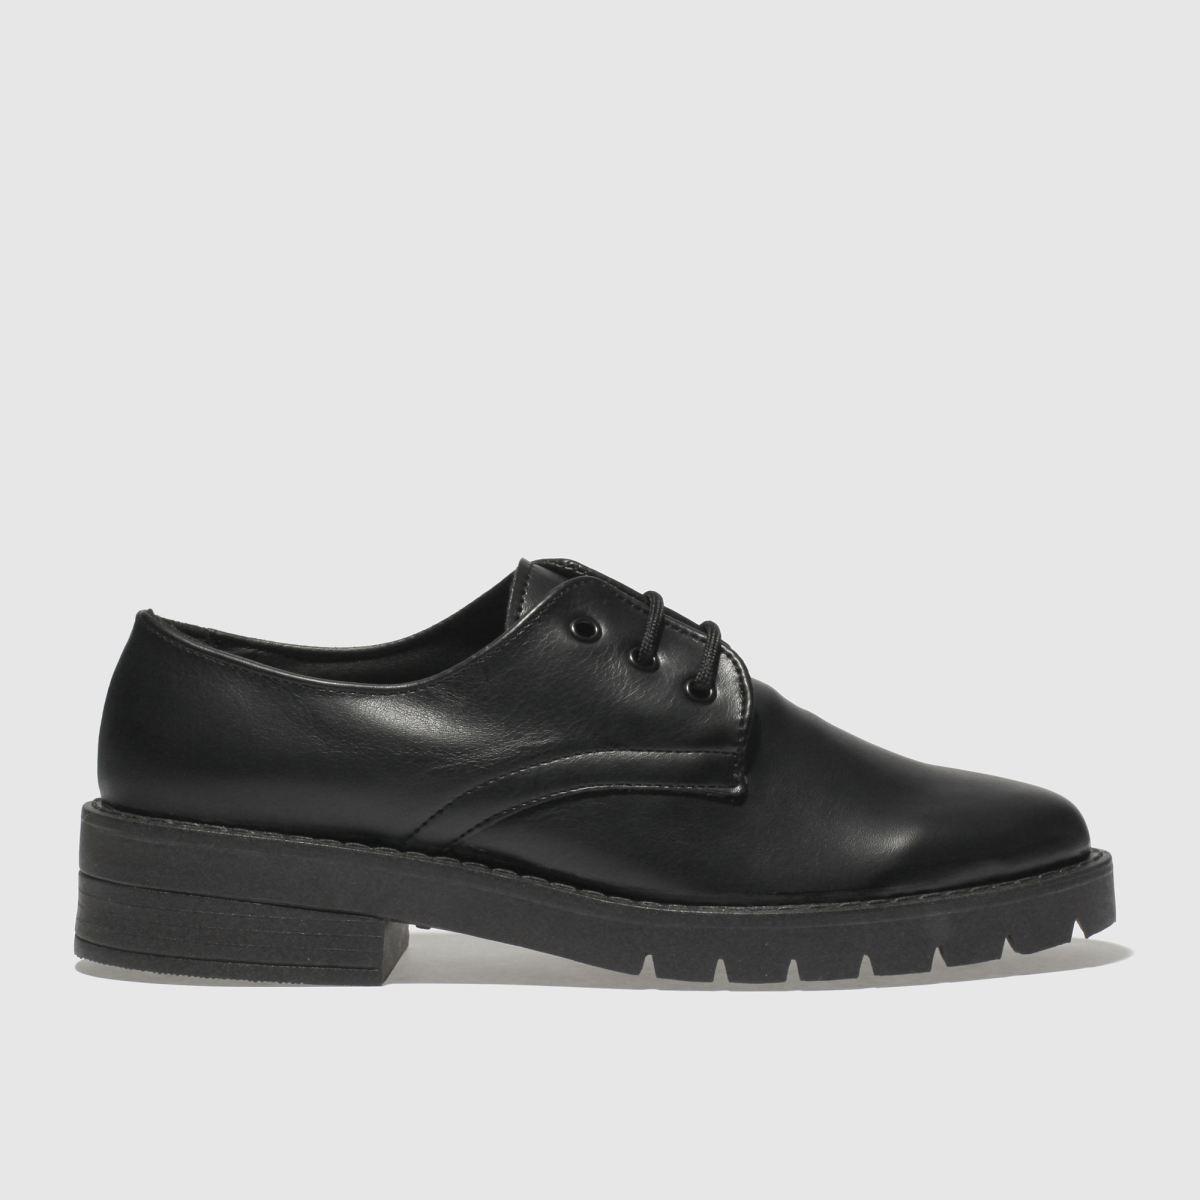 Schuh Black Confident Flat Shoes